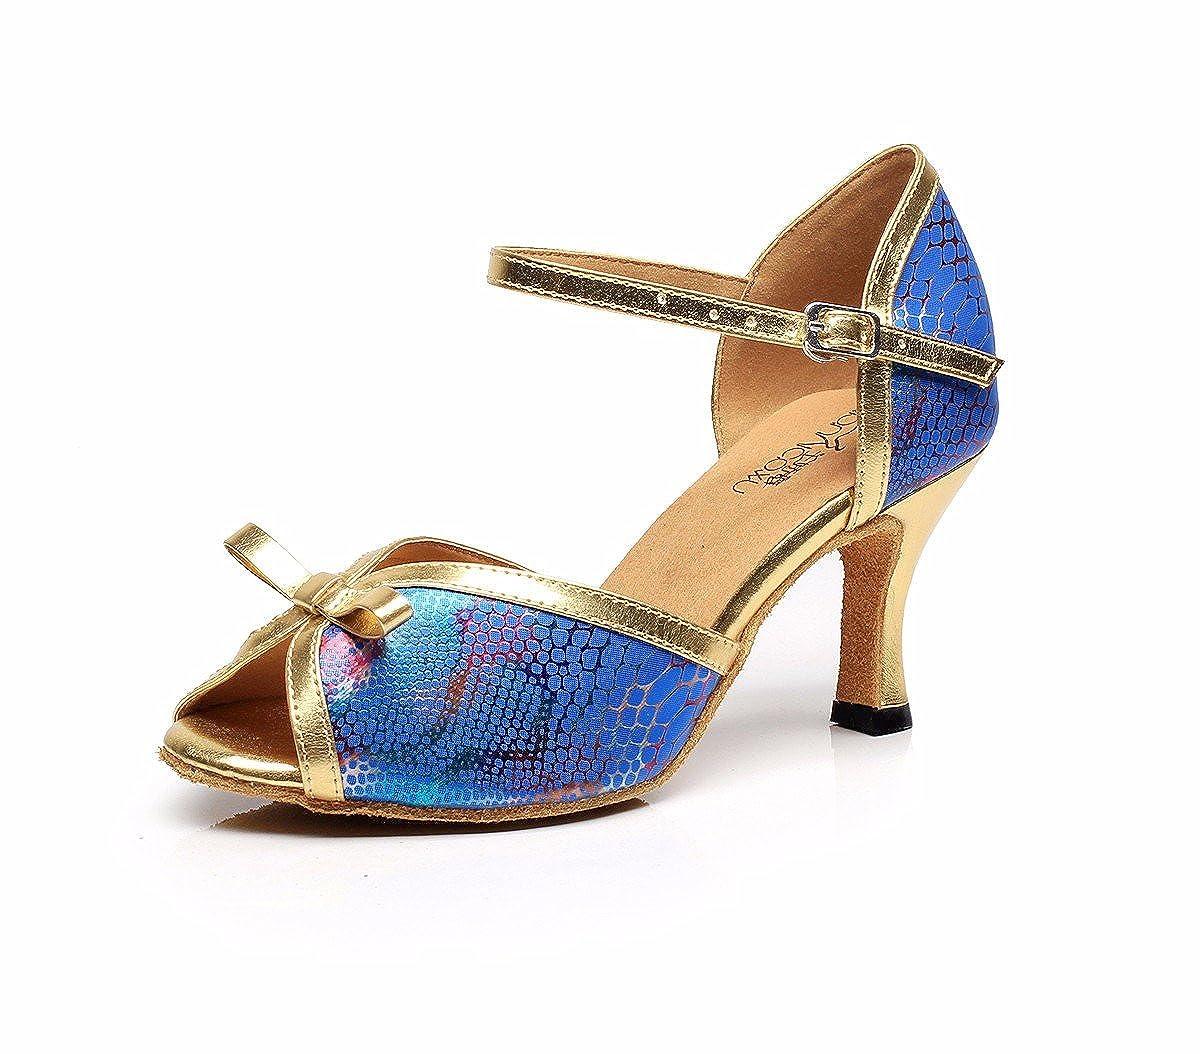 Bleu JINGXINSTORELes chaussures de danse salsa latine Muster Serpent intérieur professionnel sandales 38 EU